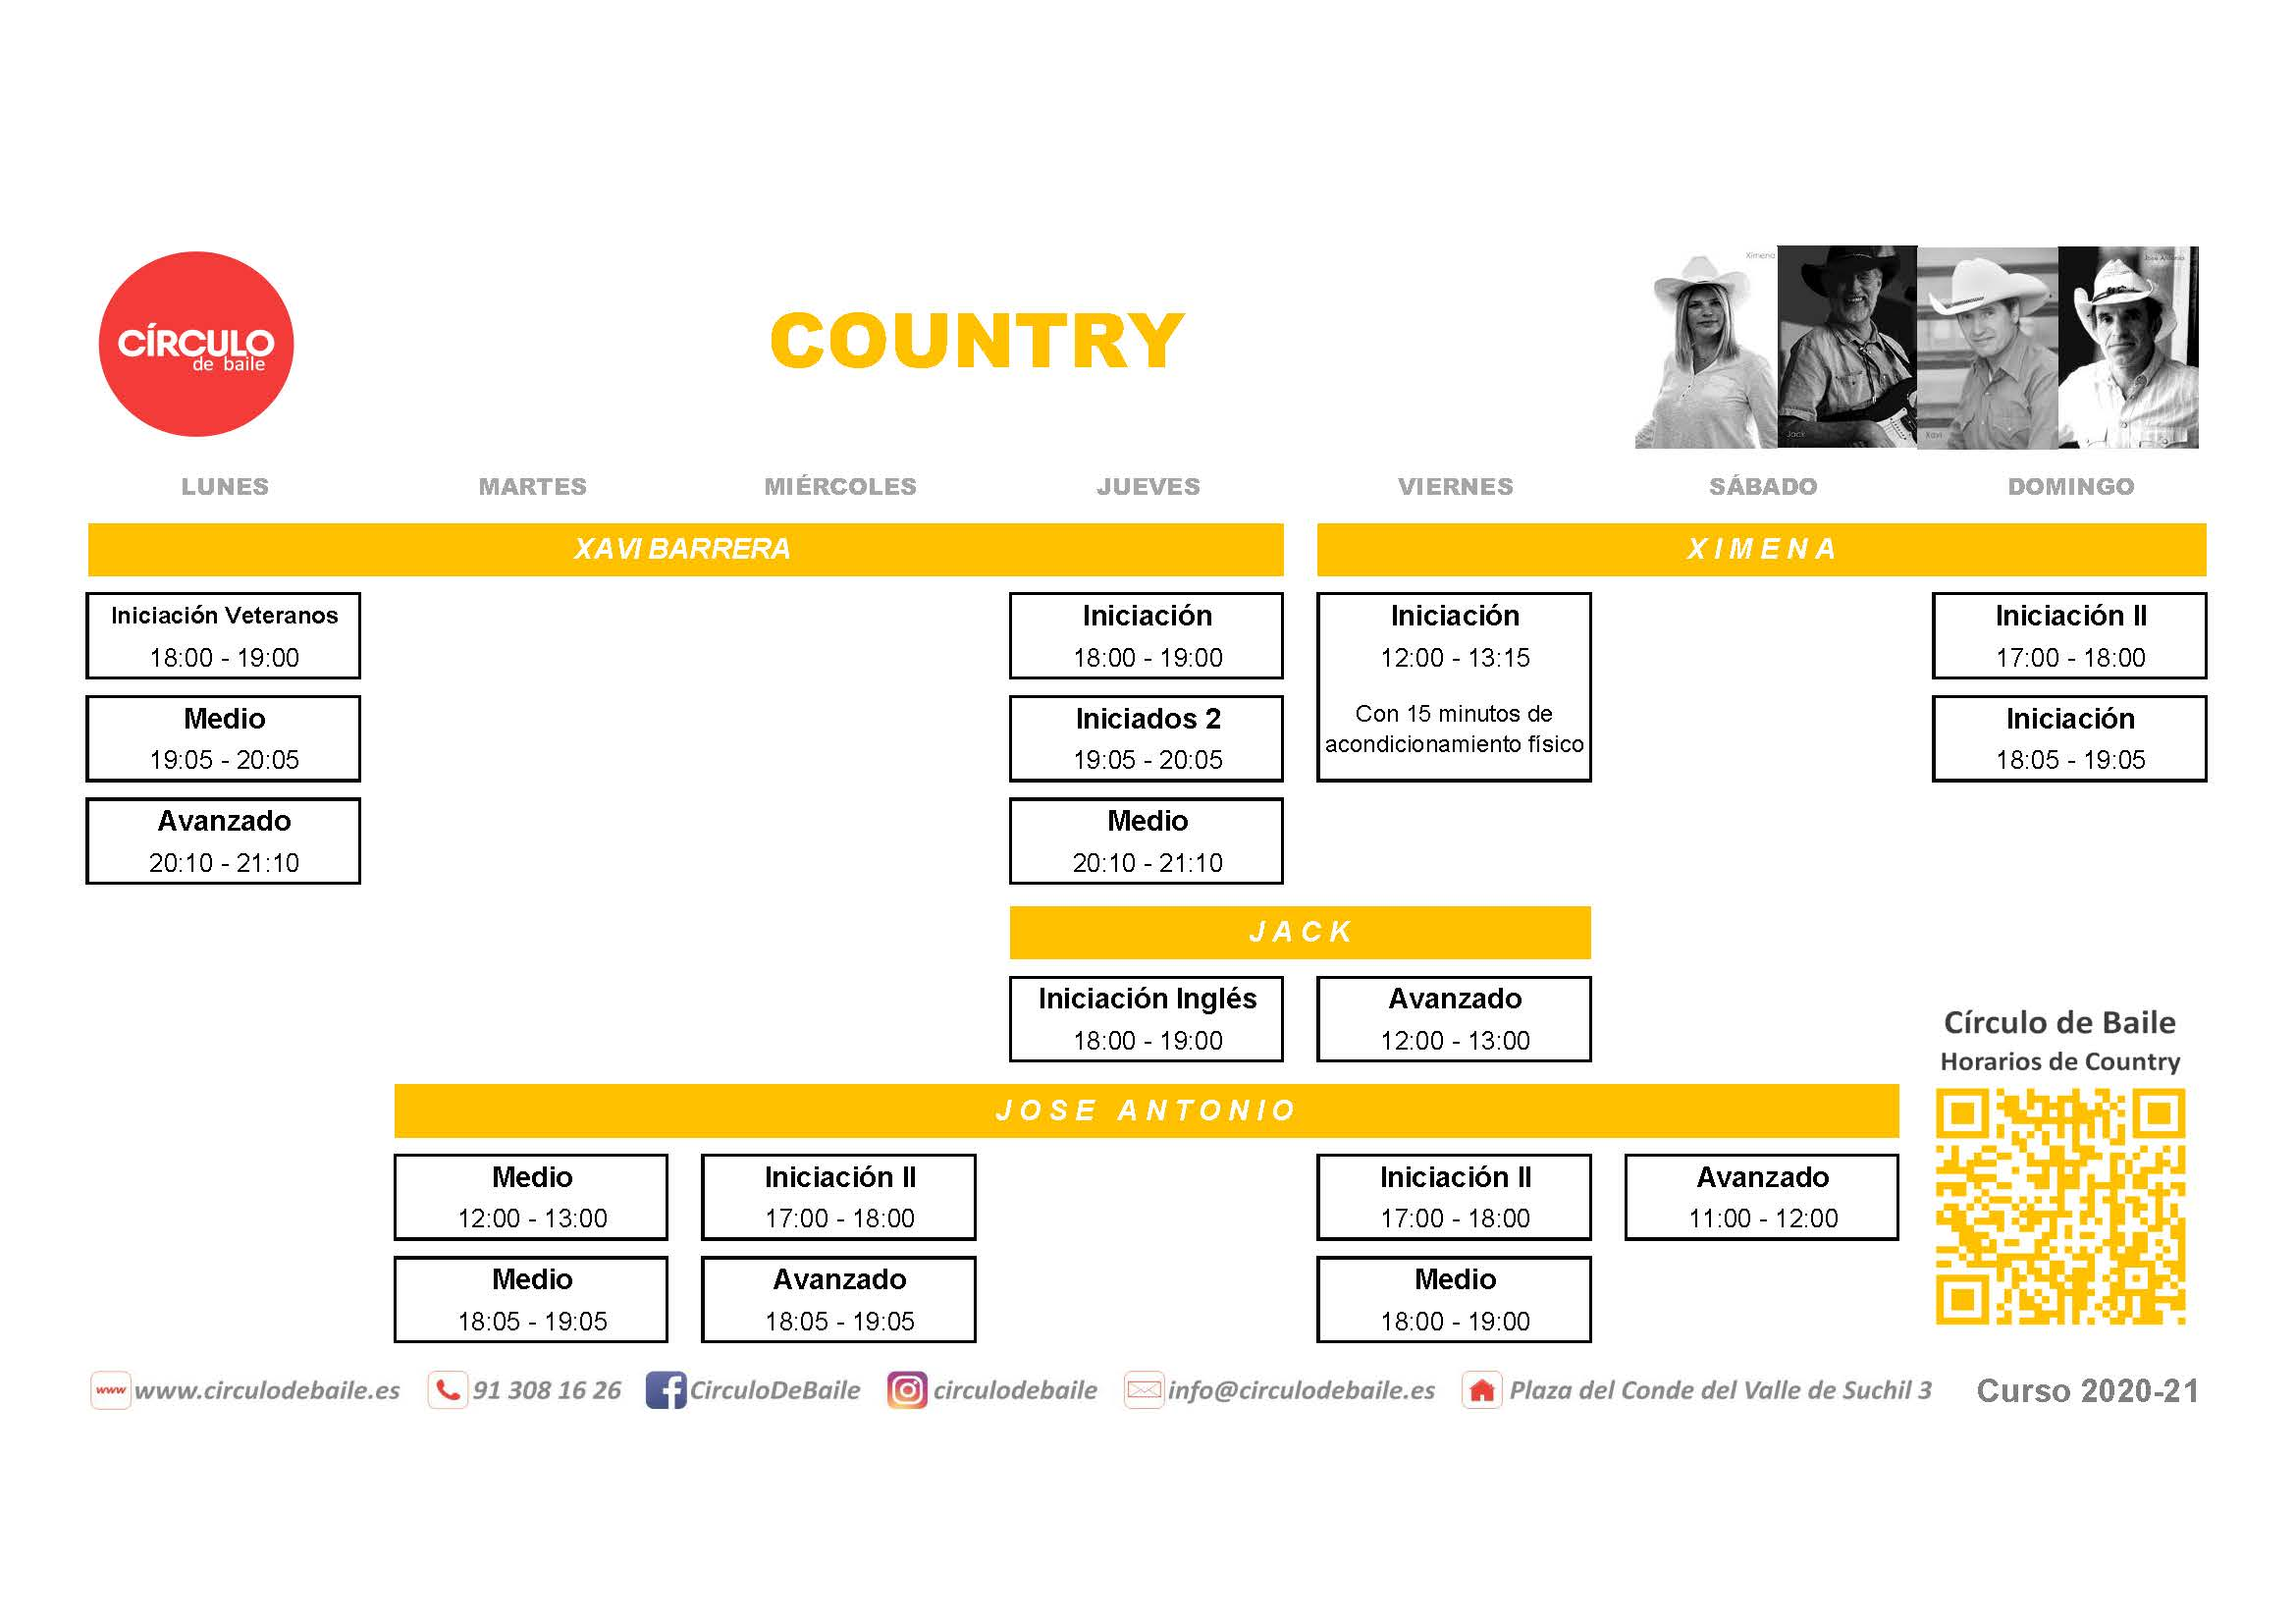 Horarios de Country del curso 2020-21 en Circulo de Baile